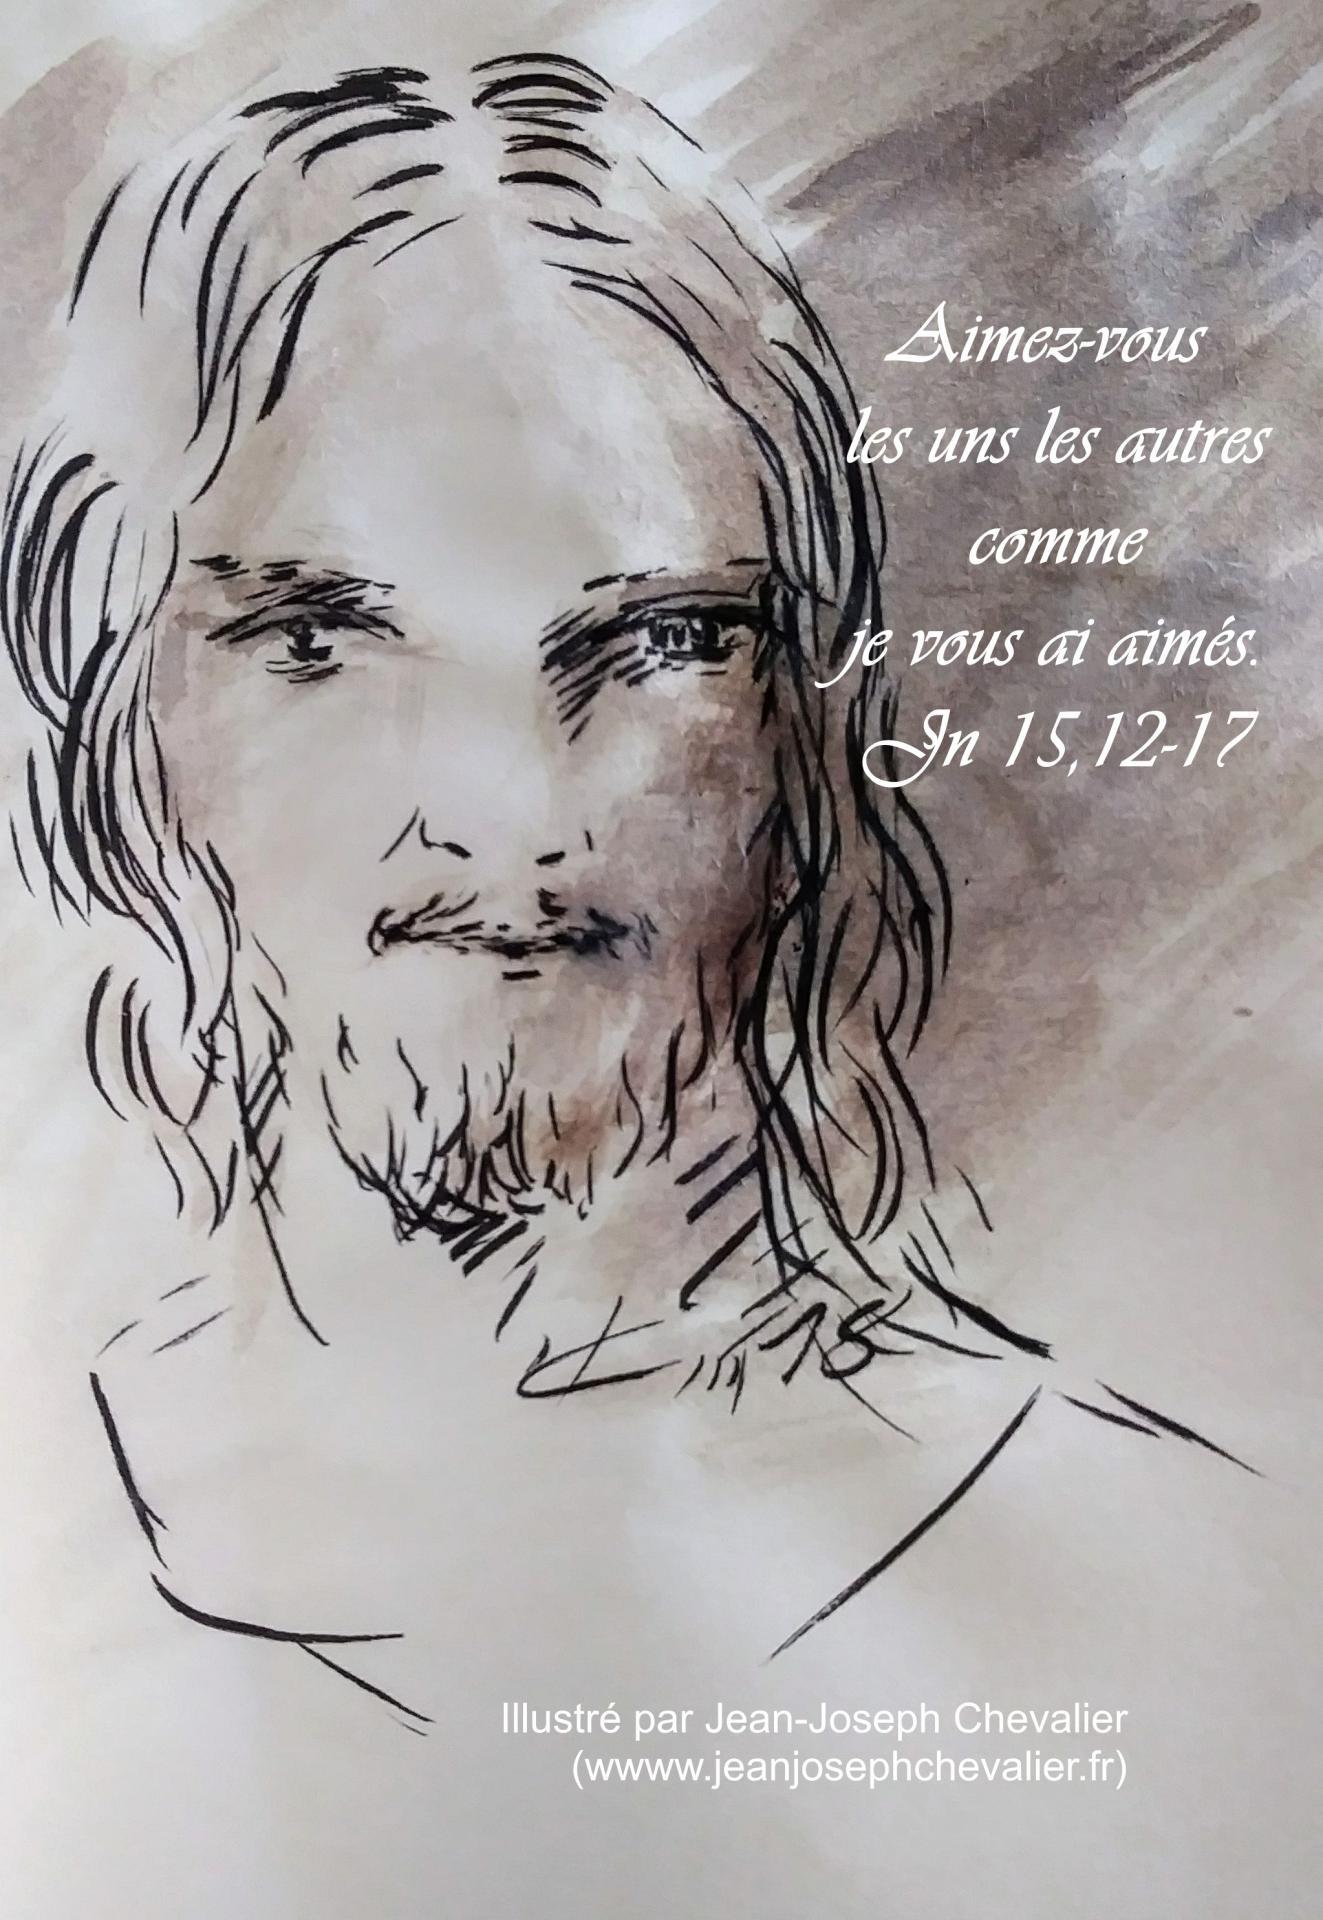 4 mai 2018 evangile du jour illustre par un dessin au lavis de jean joseph chevalier image